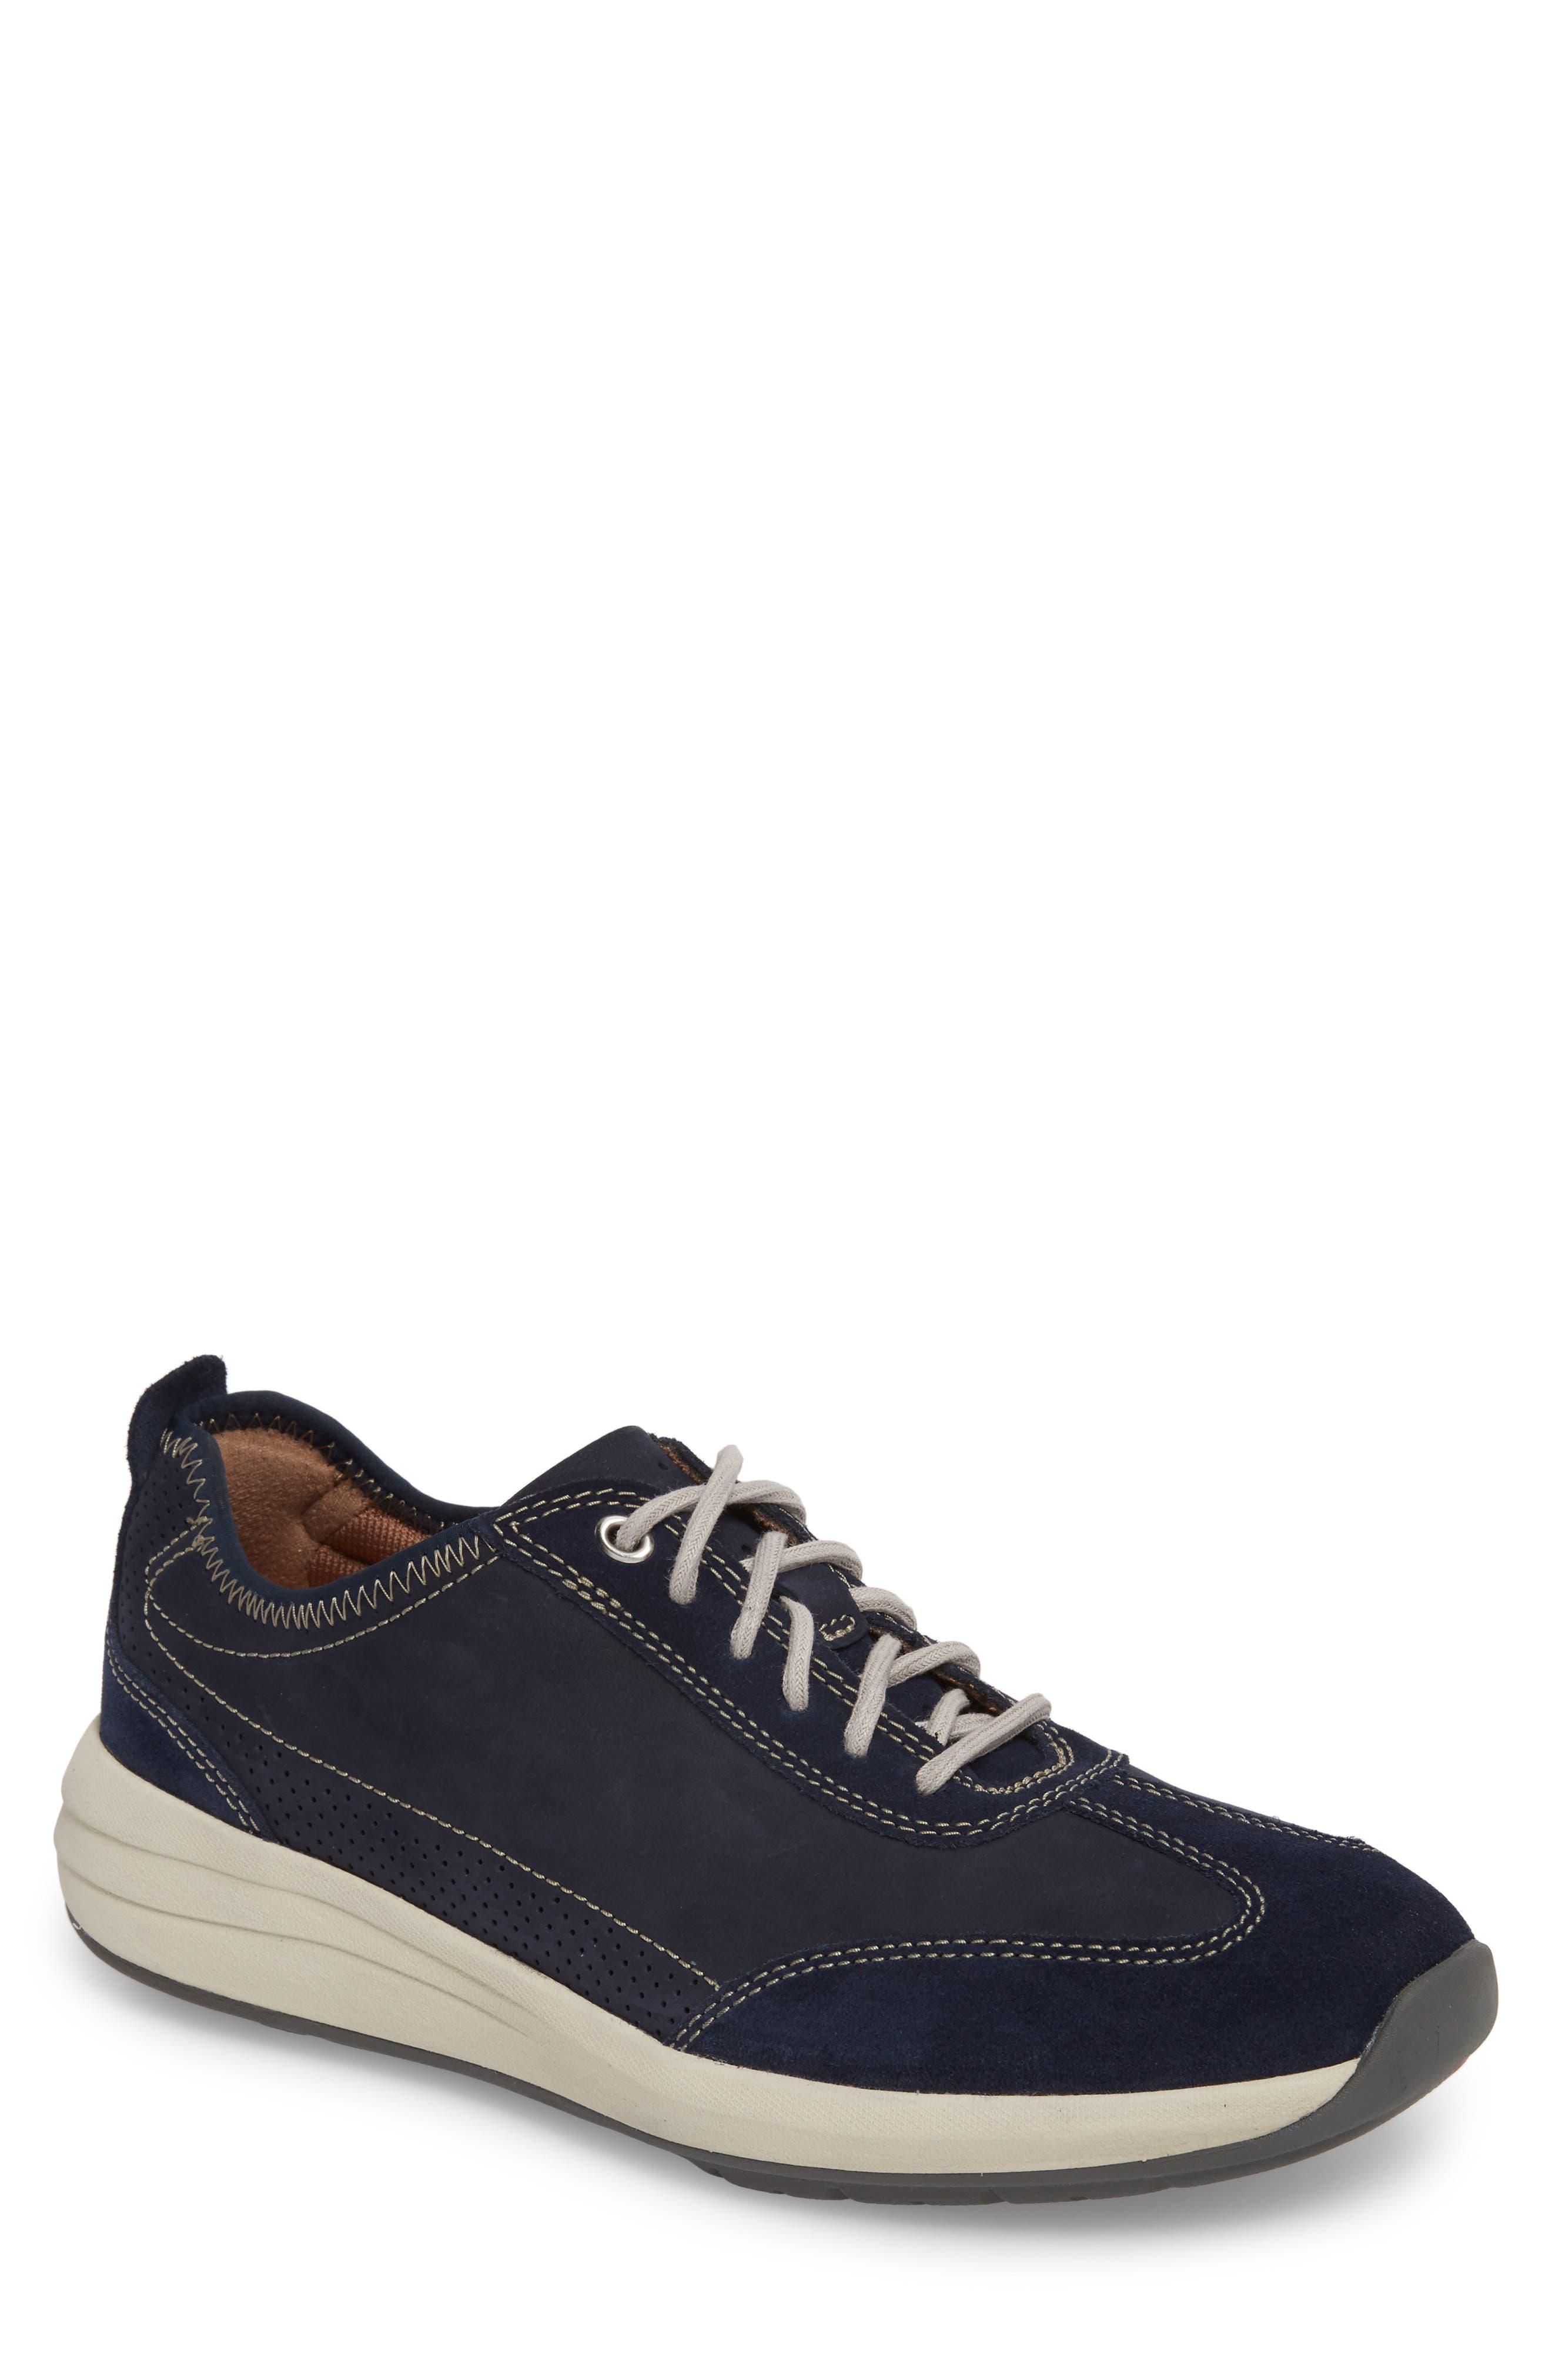 Clarks<sup>®</sup> Un Coast Low Top Sneaker,                             Main thumbnail 2, color,